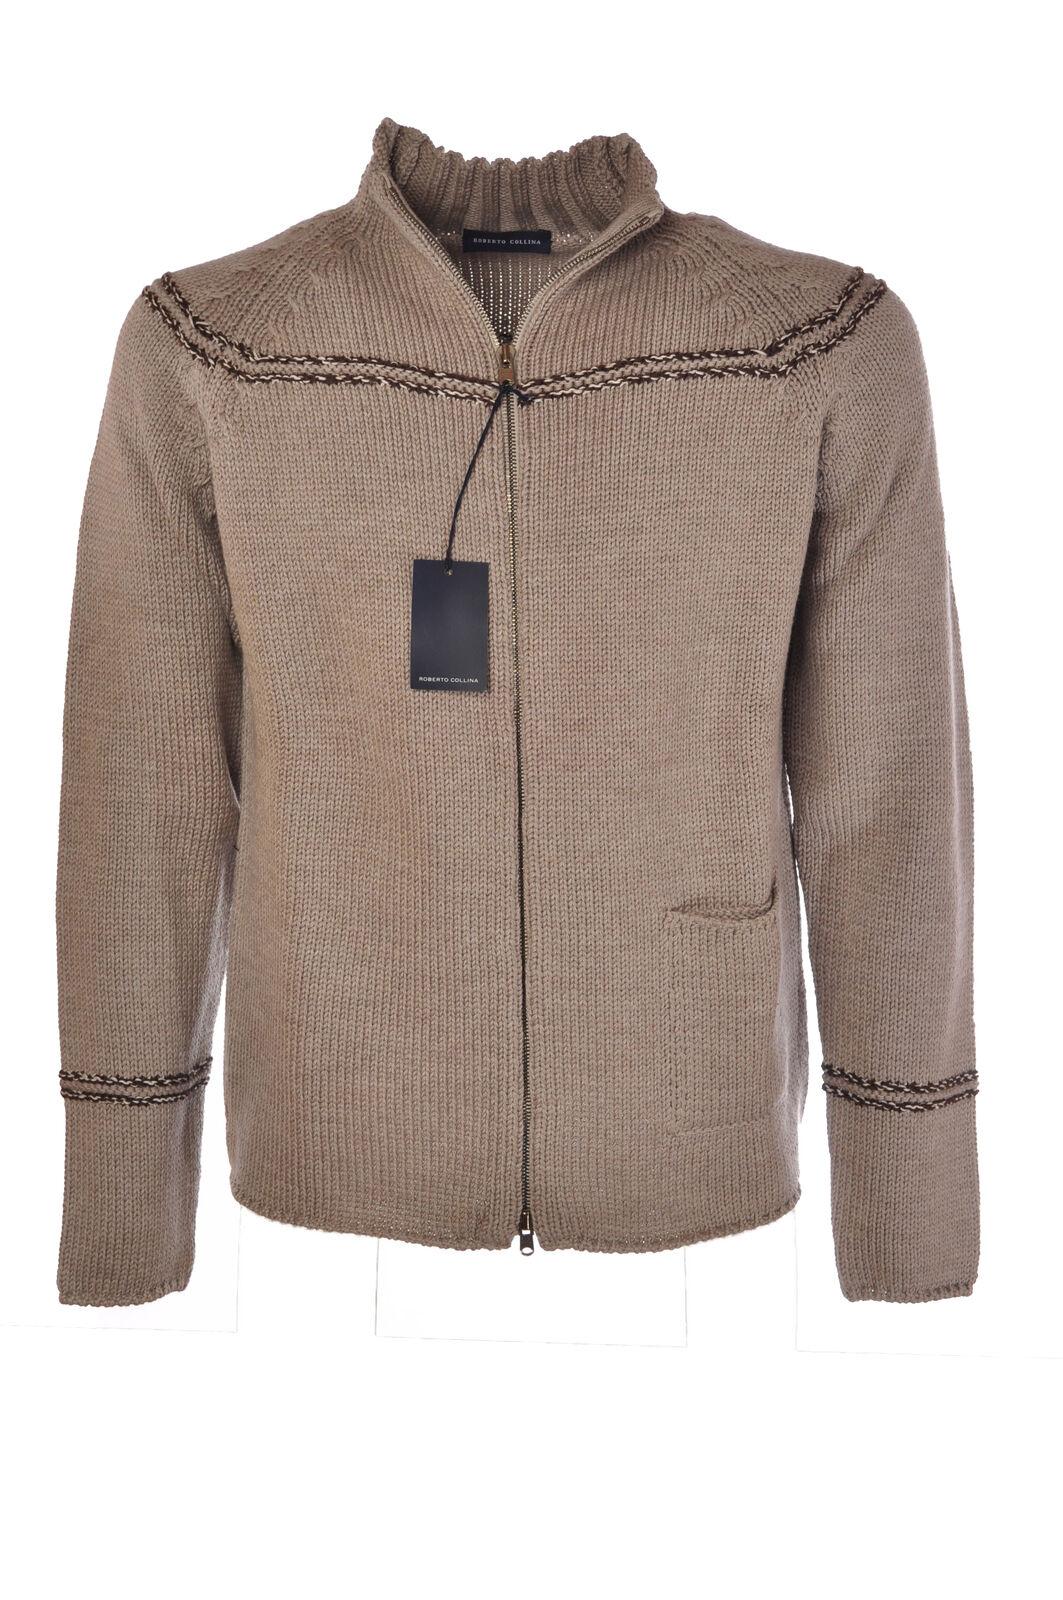 Roberto Collina  -  Sweaters - Male - grau - 2786030N173906